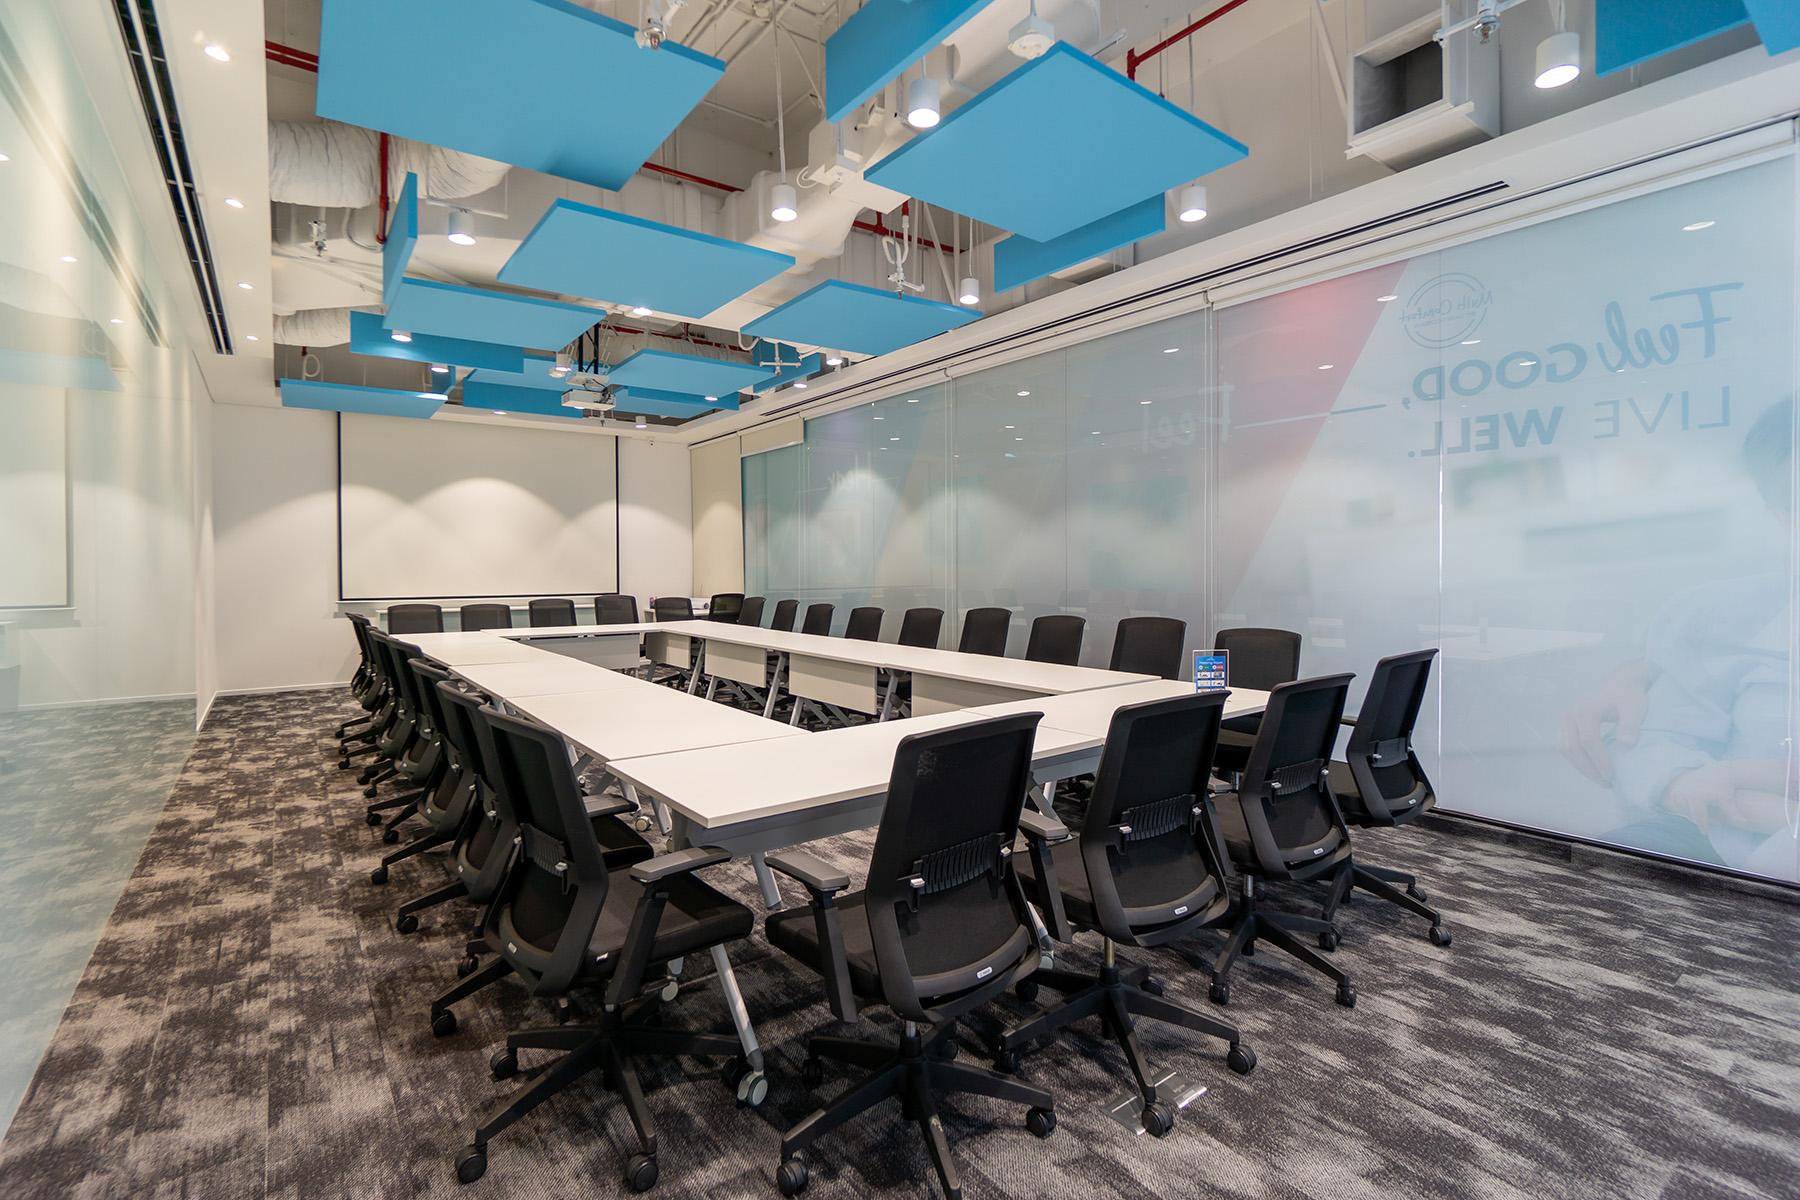 thiết kế văn phòng hiện đại tập trung